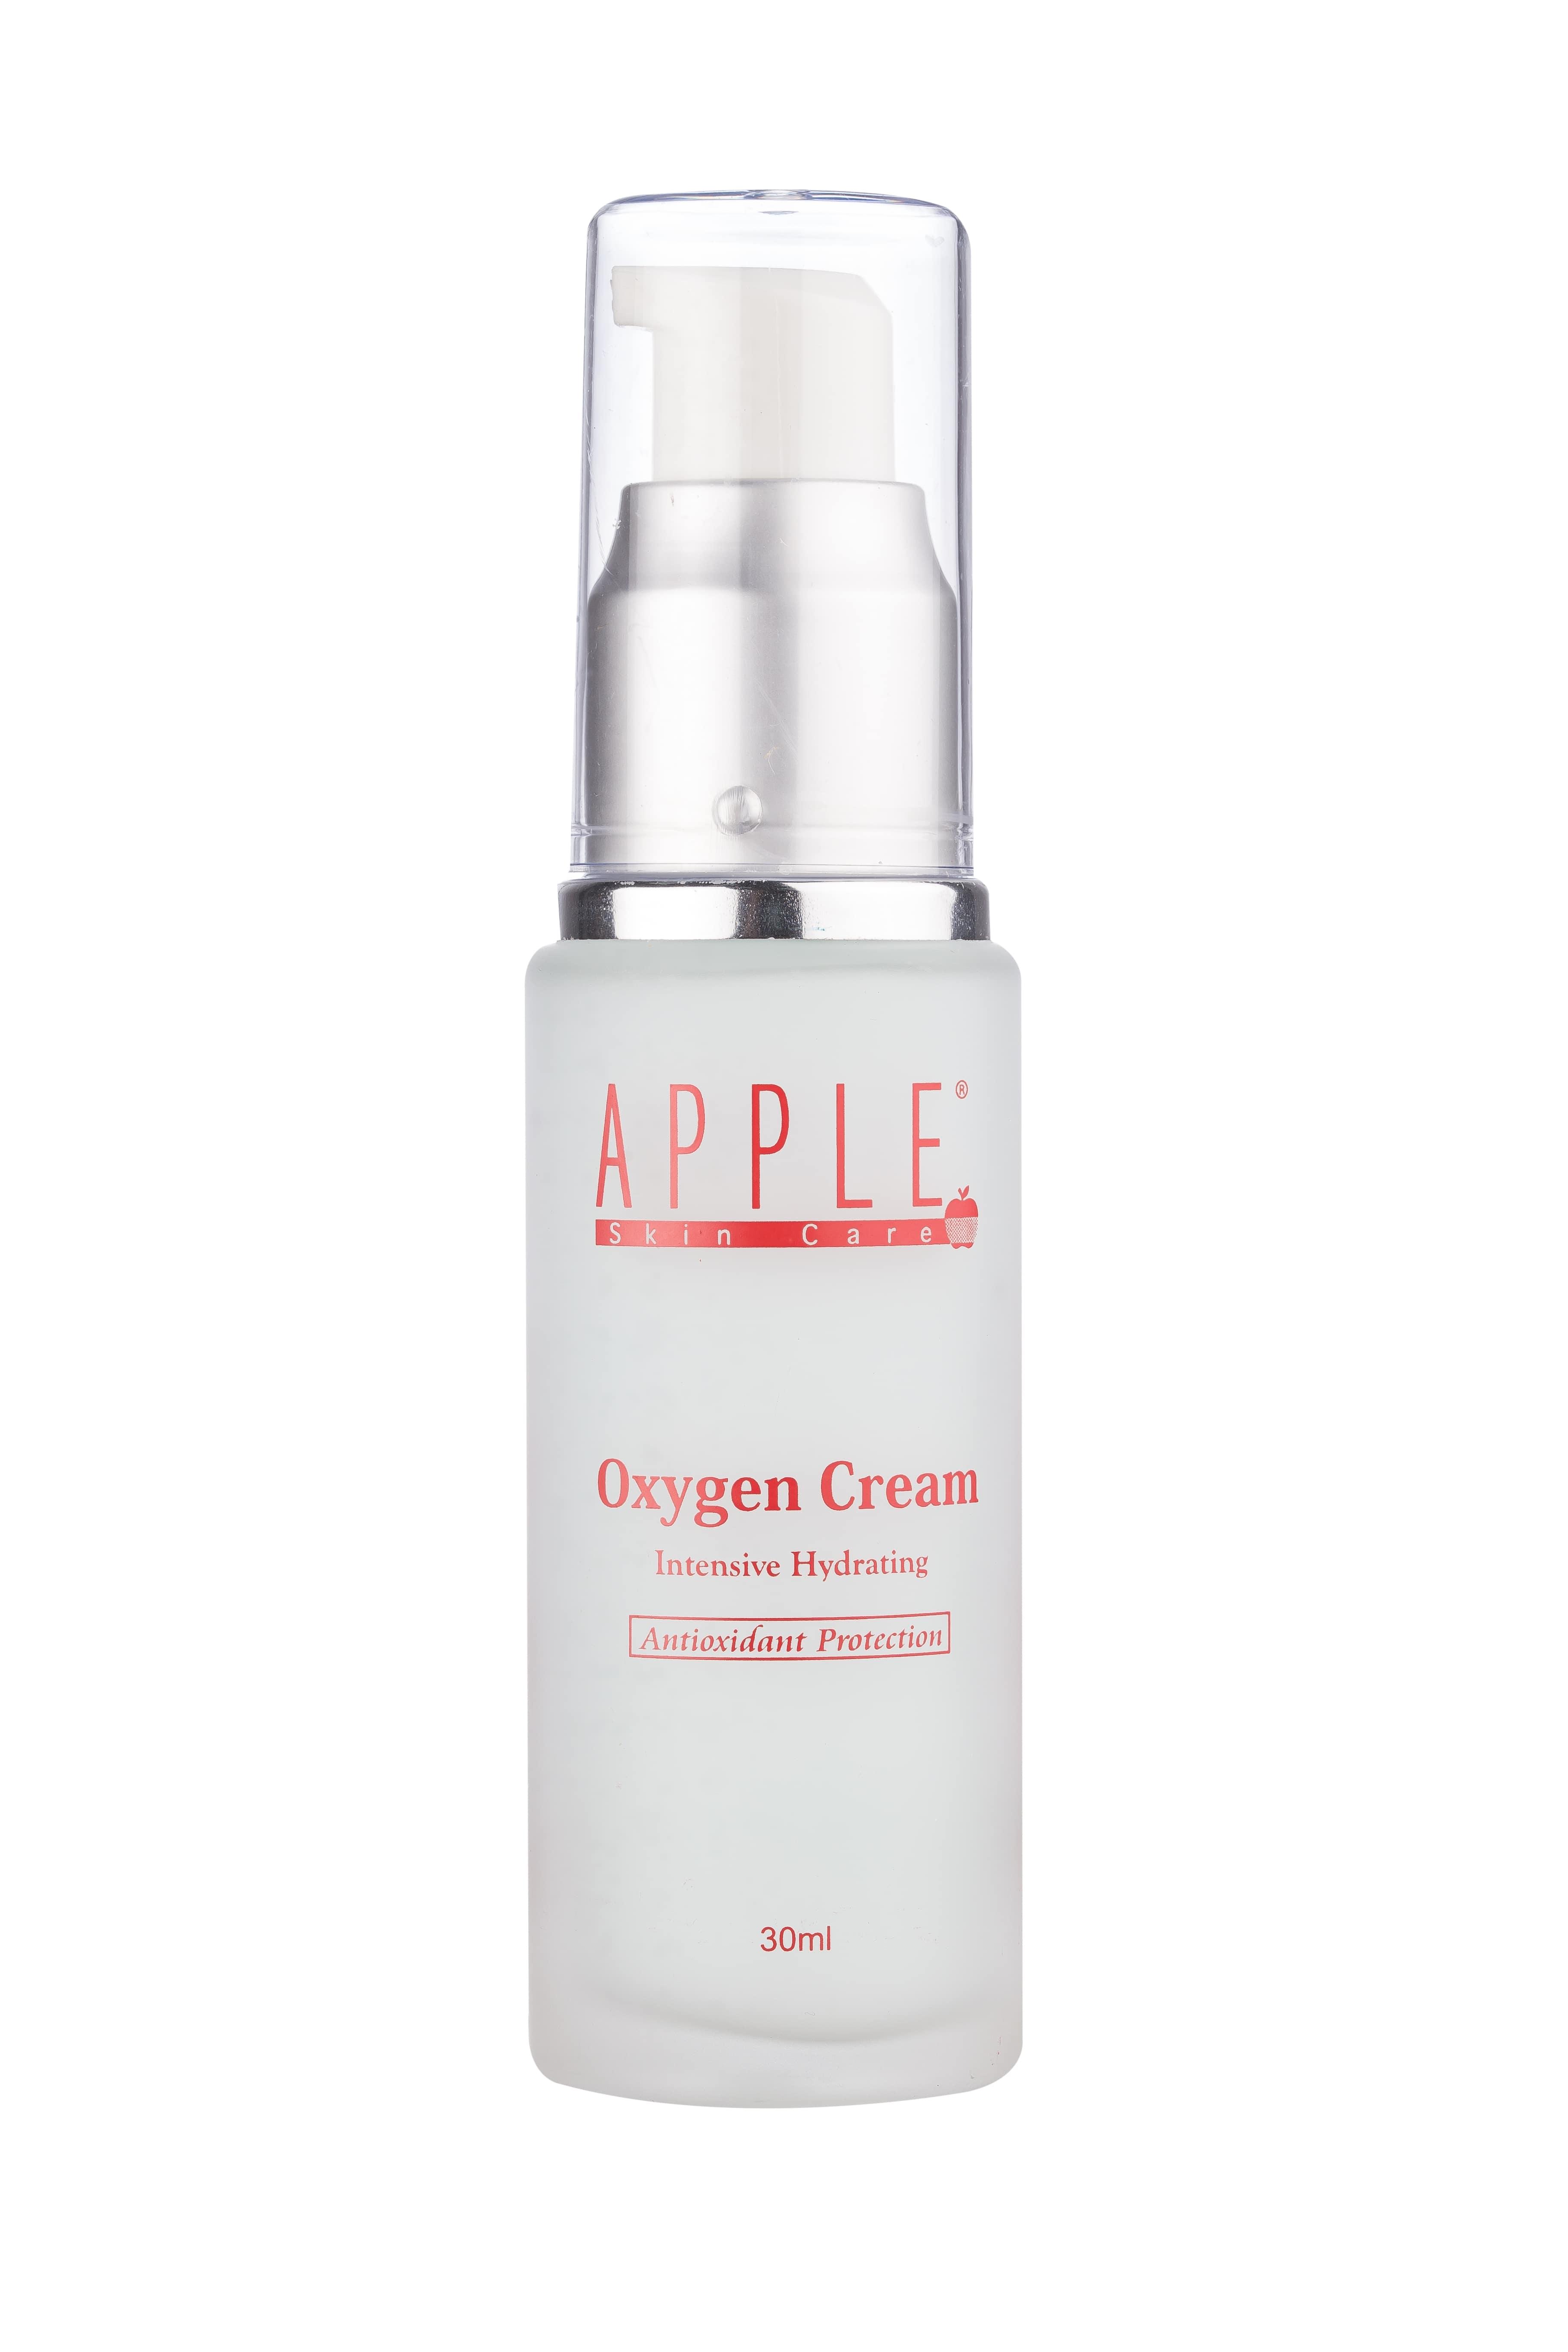 Oxygen Cream